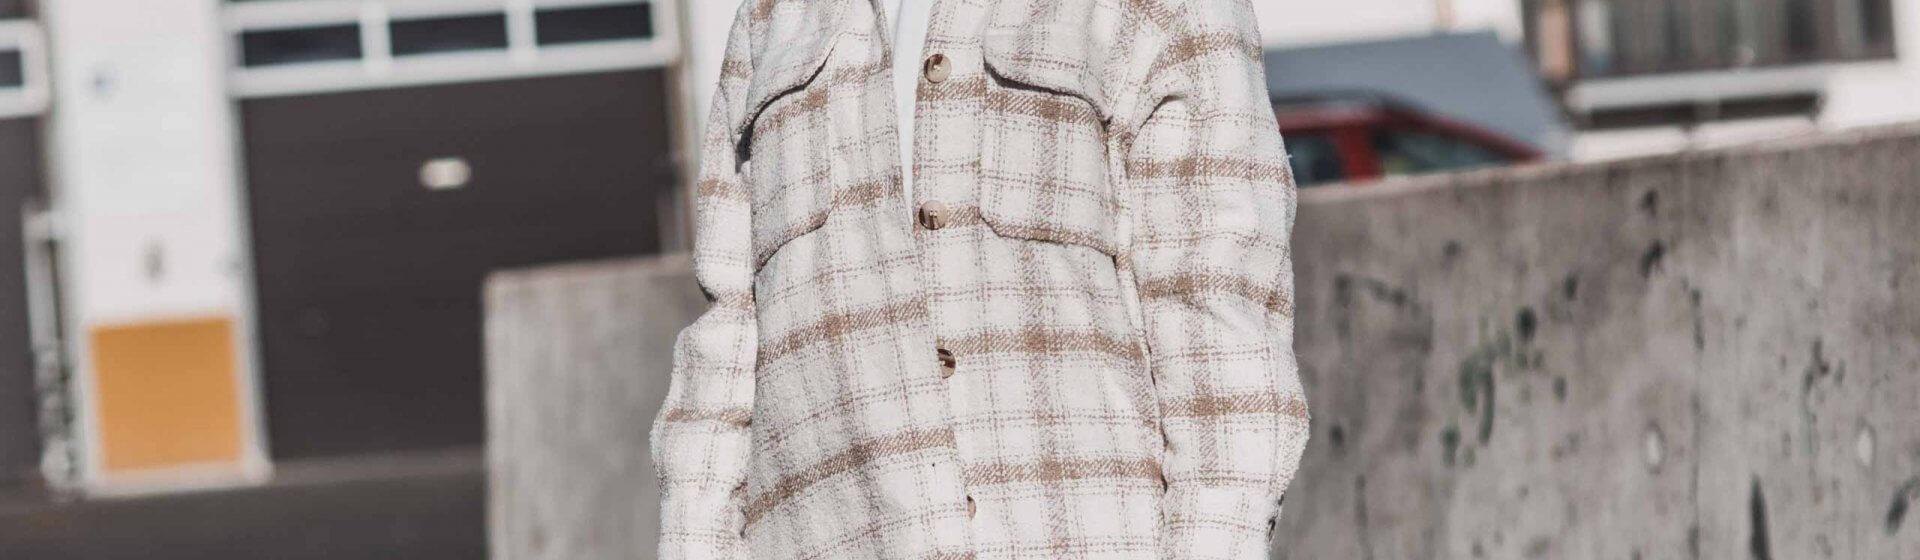 Jackentrend Karo Shacket - so tragen wir ihn Shoelove Deichmann